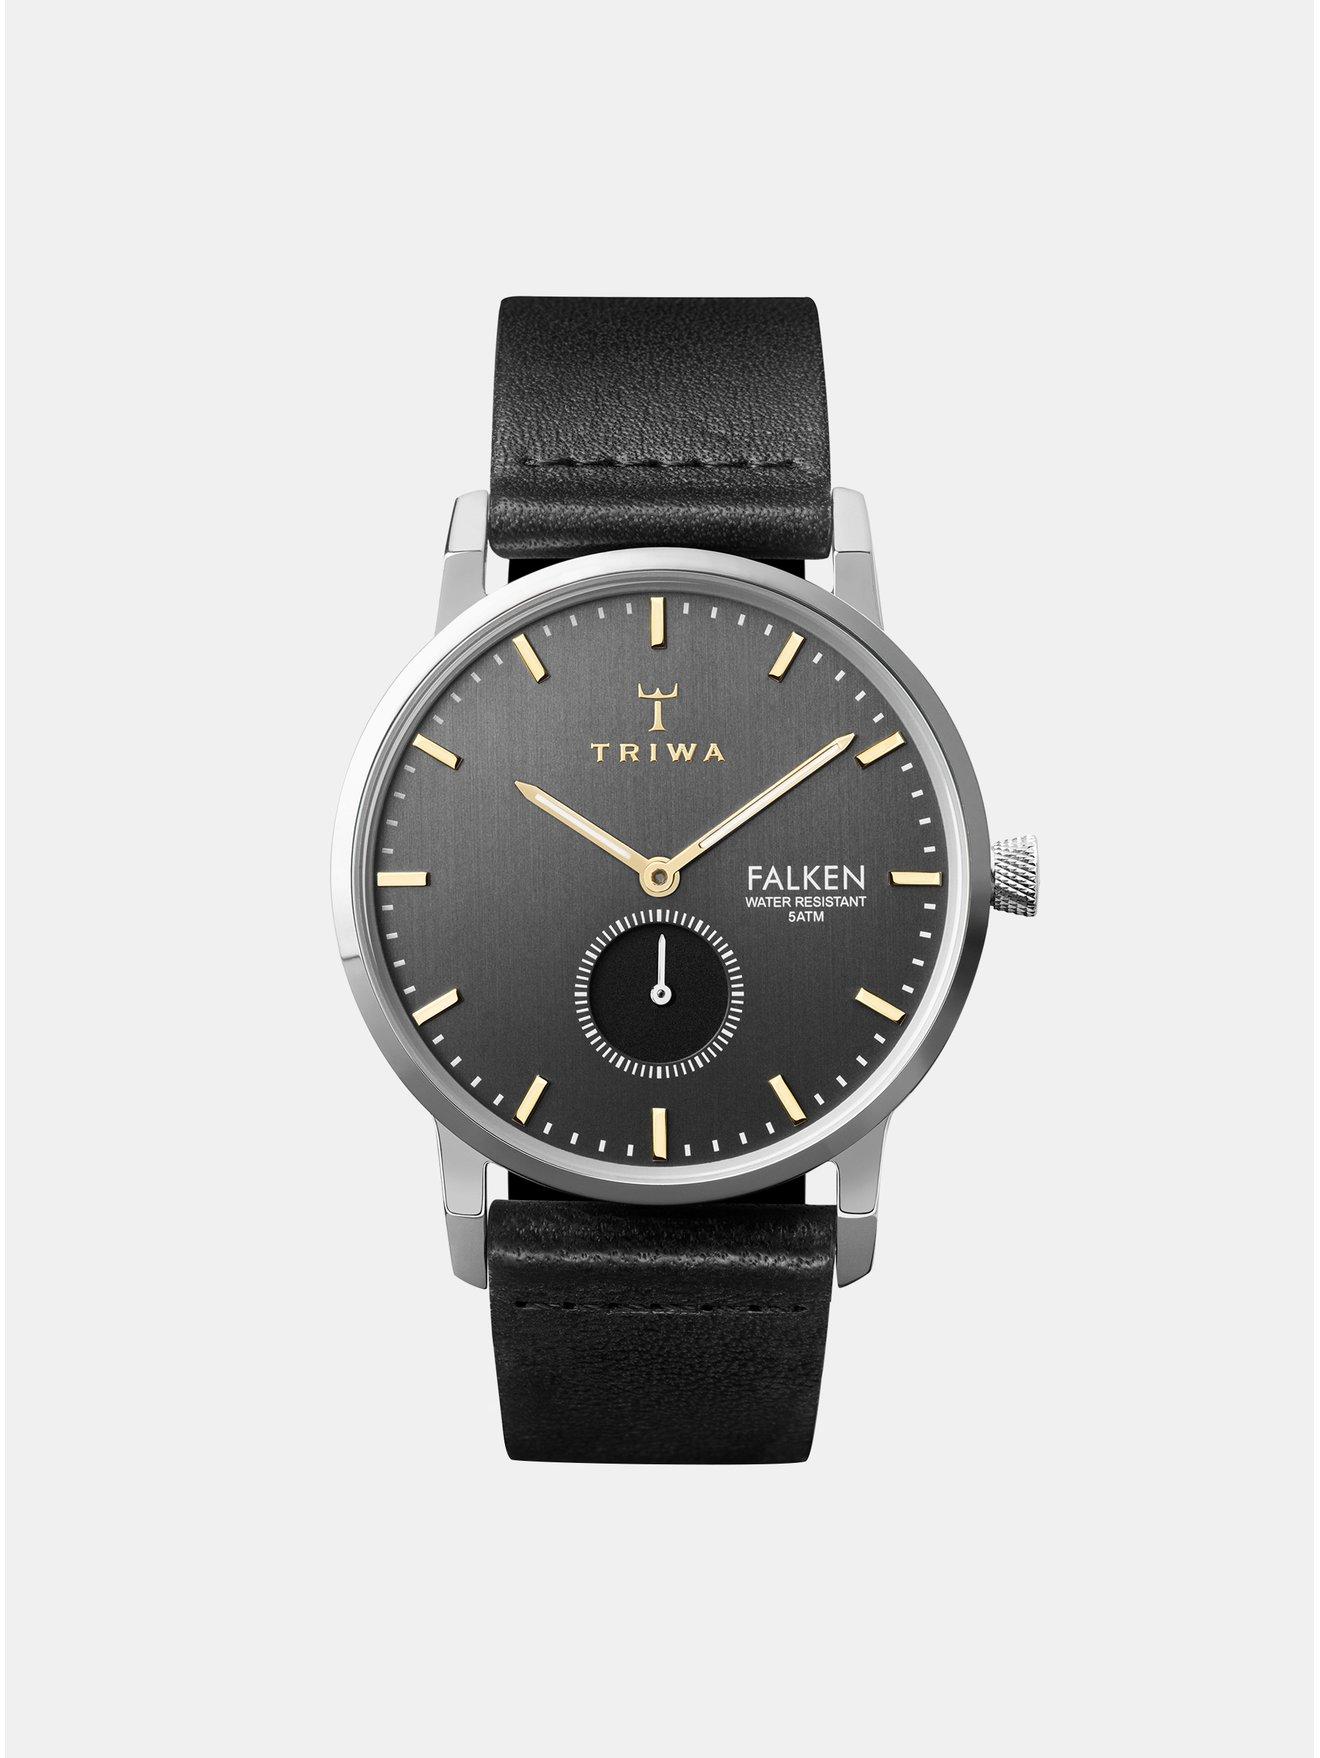 a929a9d50 Damske hodinky s cernym kozenym paskem levně | Blesk zboží